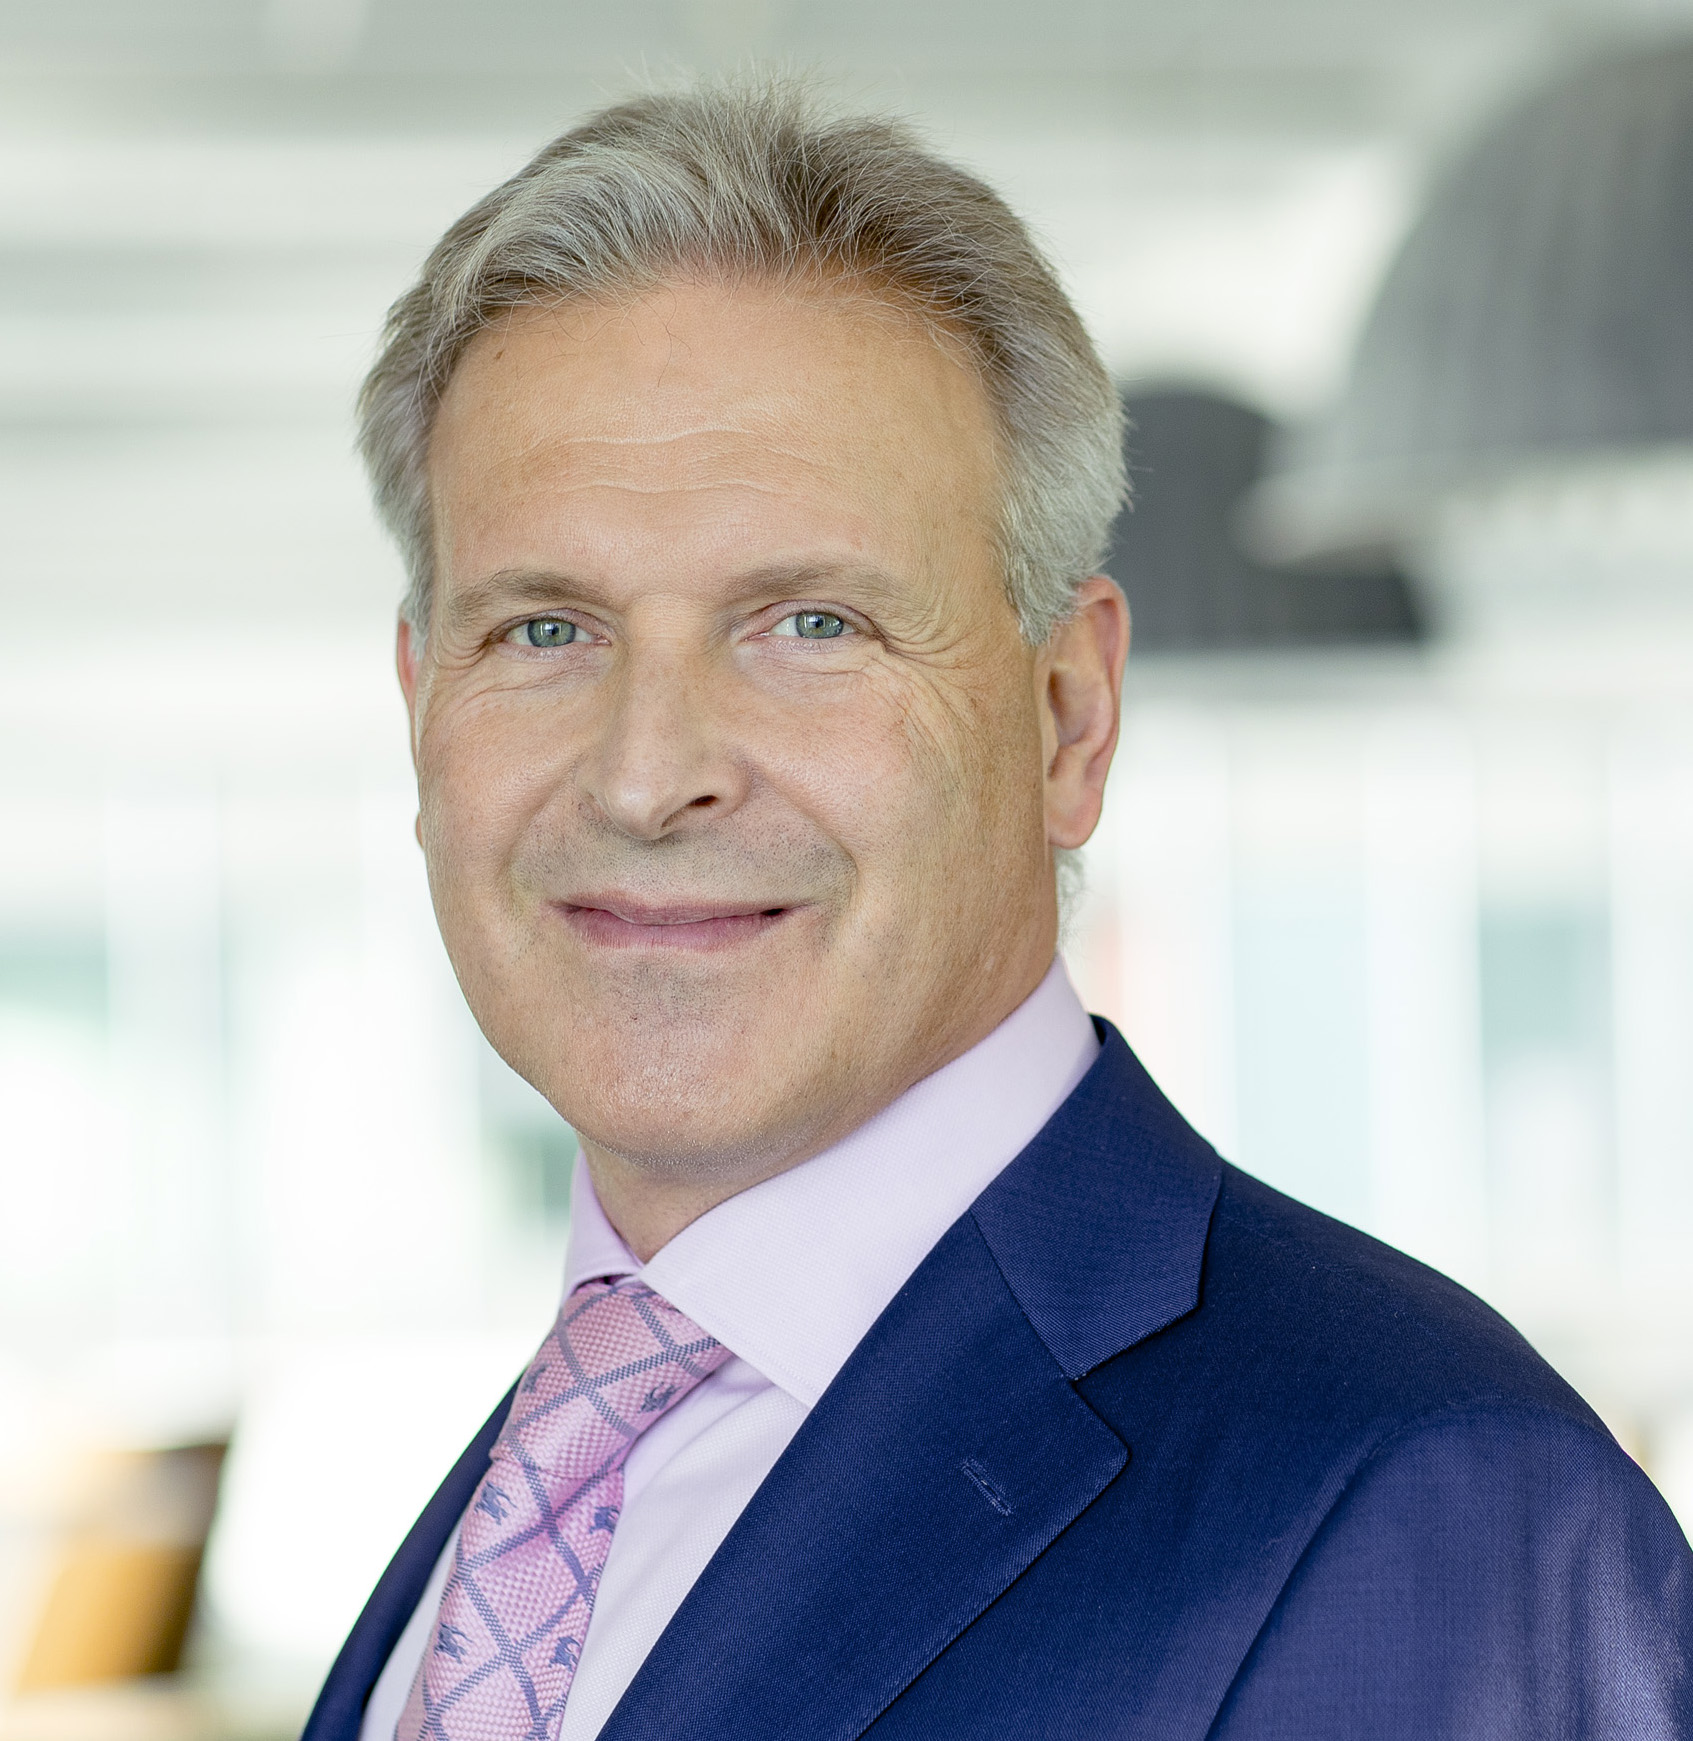 Lars Peter Lindfors, Senior Vice President, Innovation at Neste